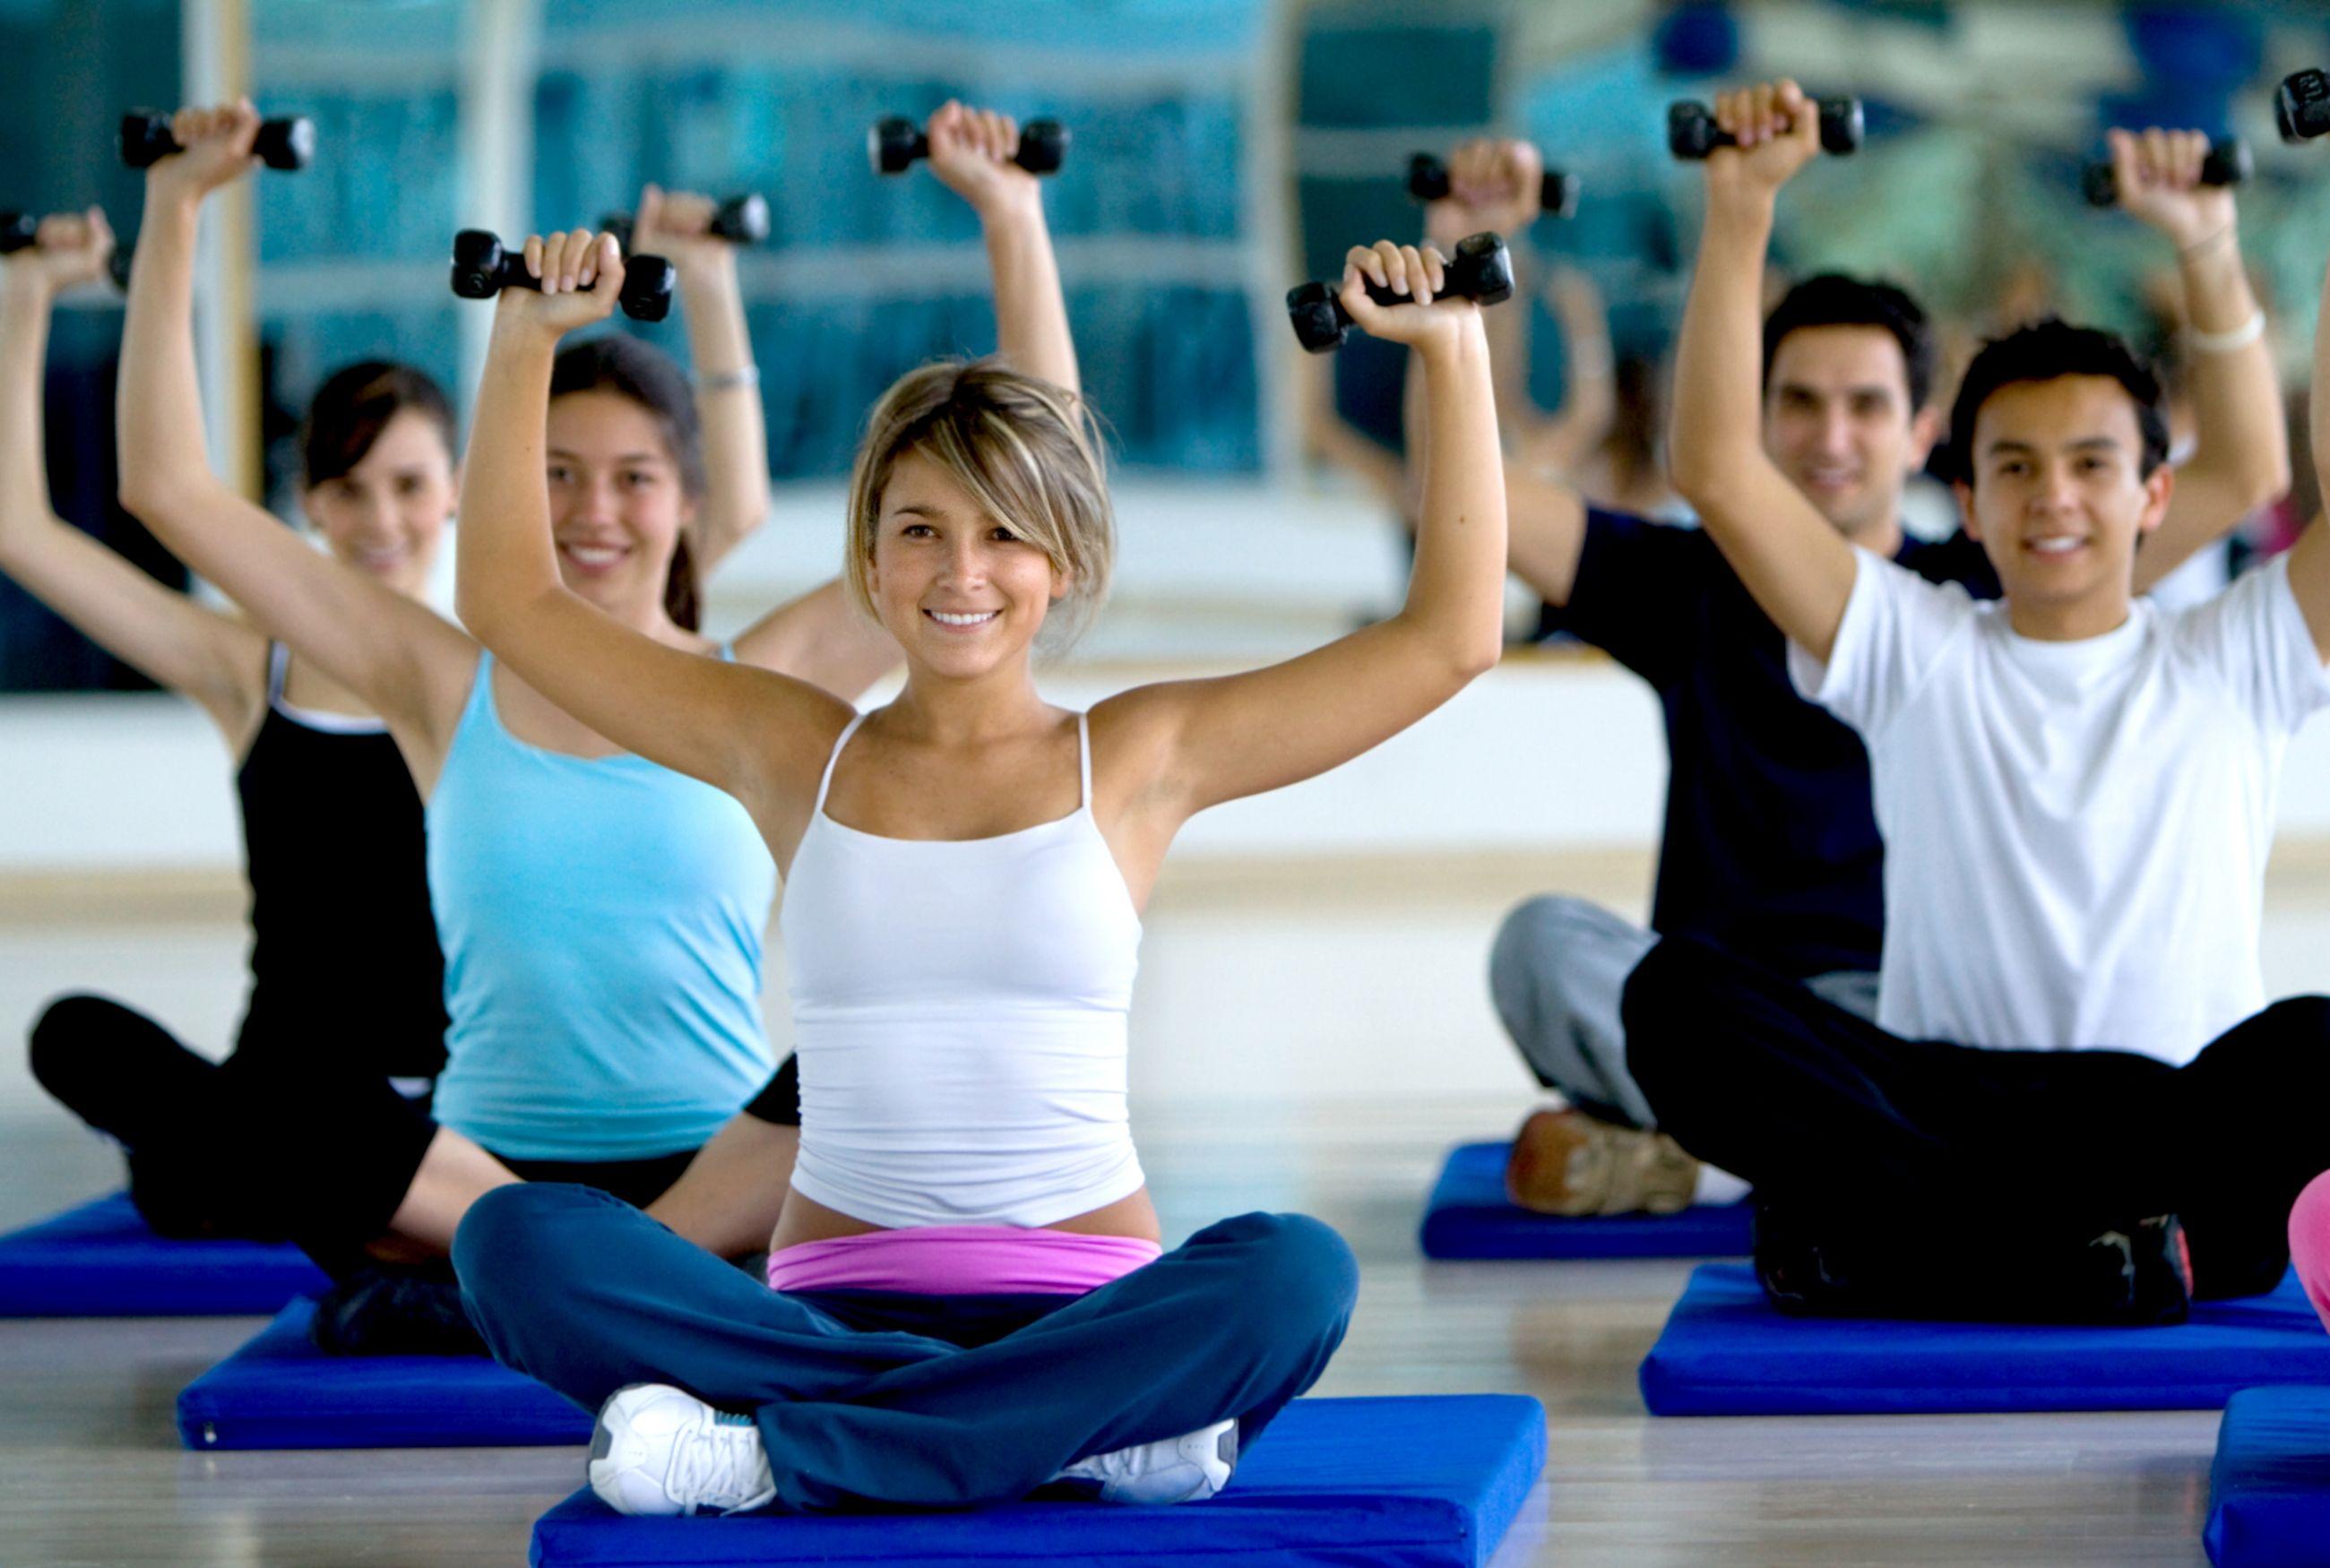 Los 5 efectos positivos que notaremos tras hacer ejercicio